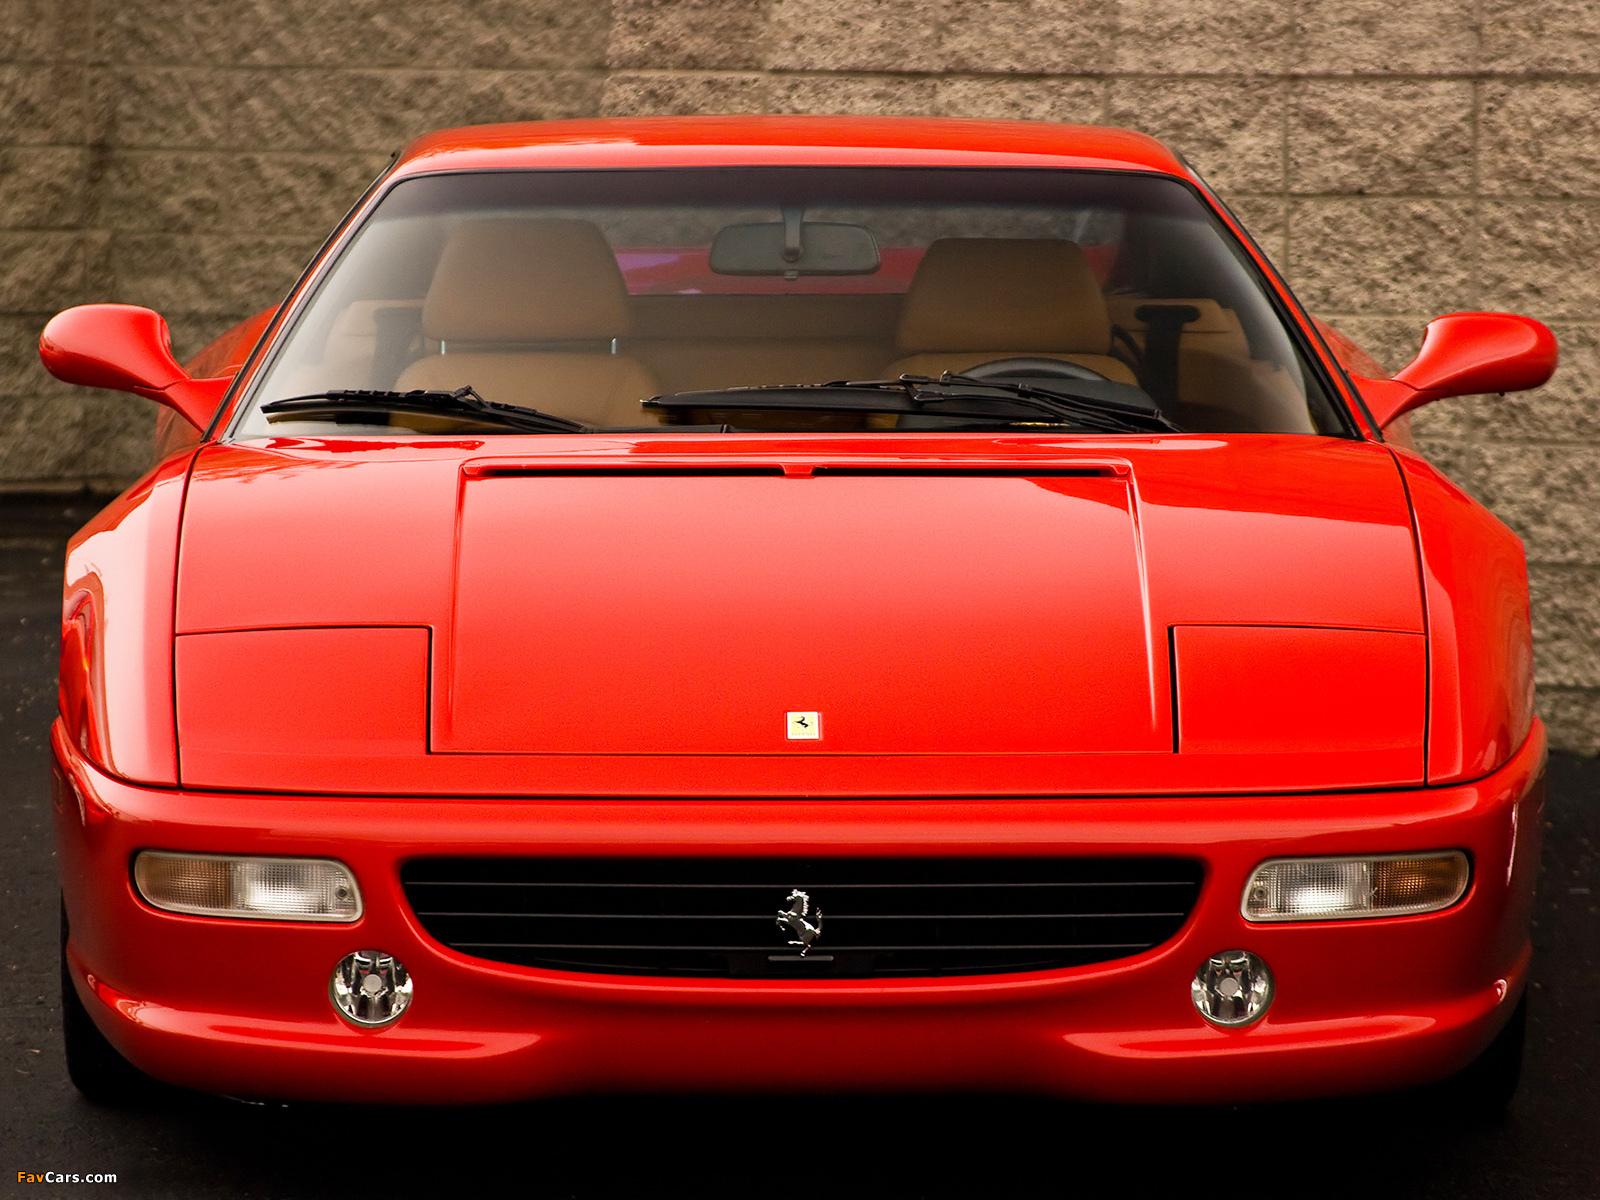 Ferrari F355 Berlinetta 1994 99 Wallpapers 1600x1200